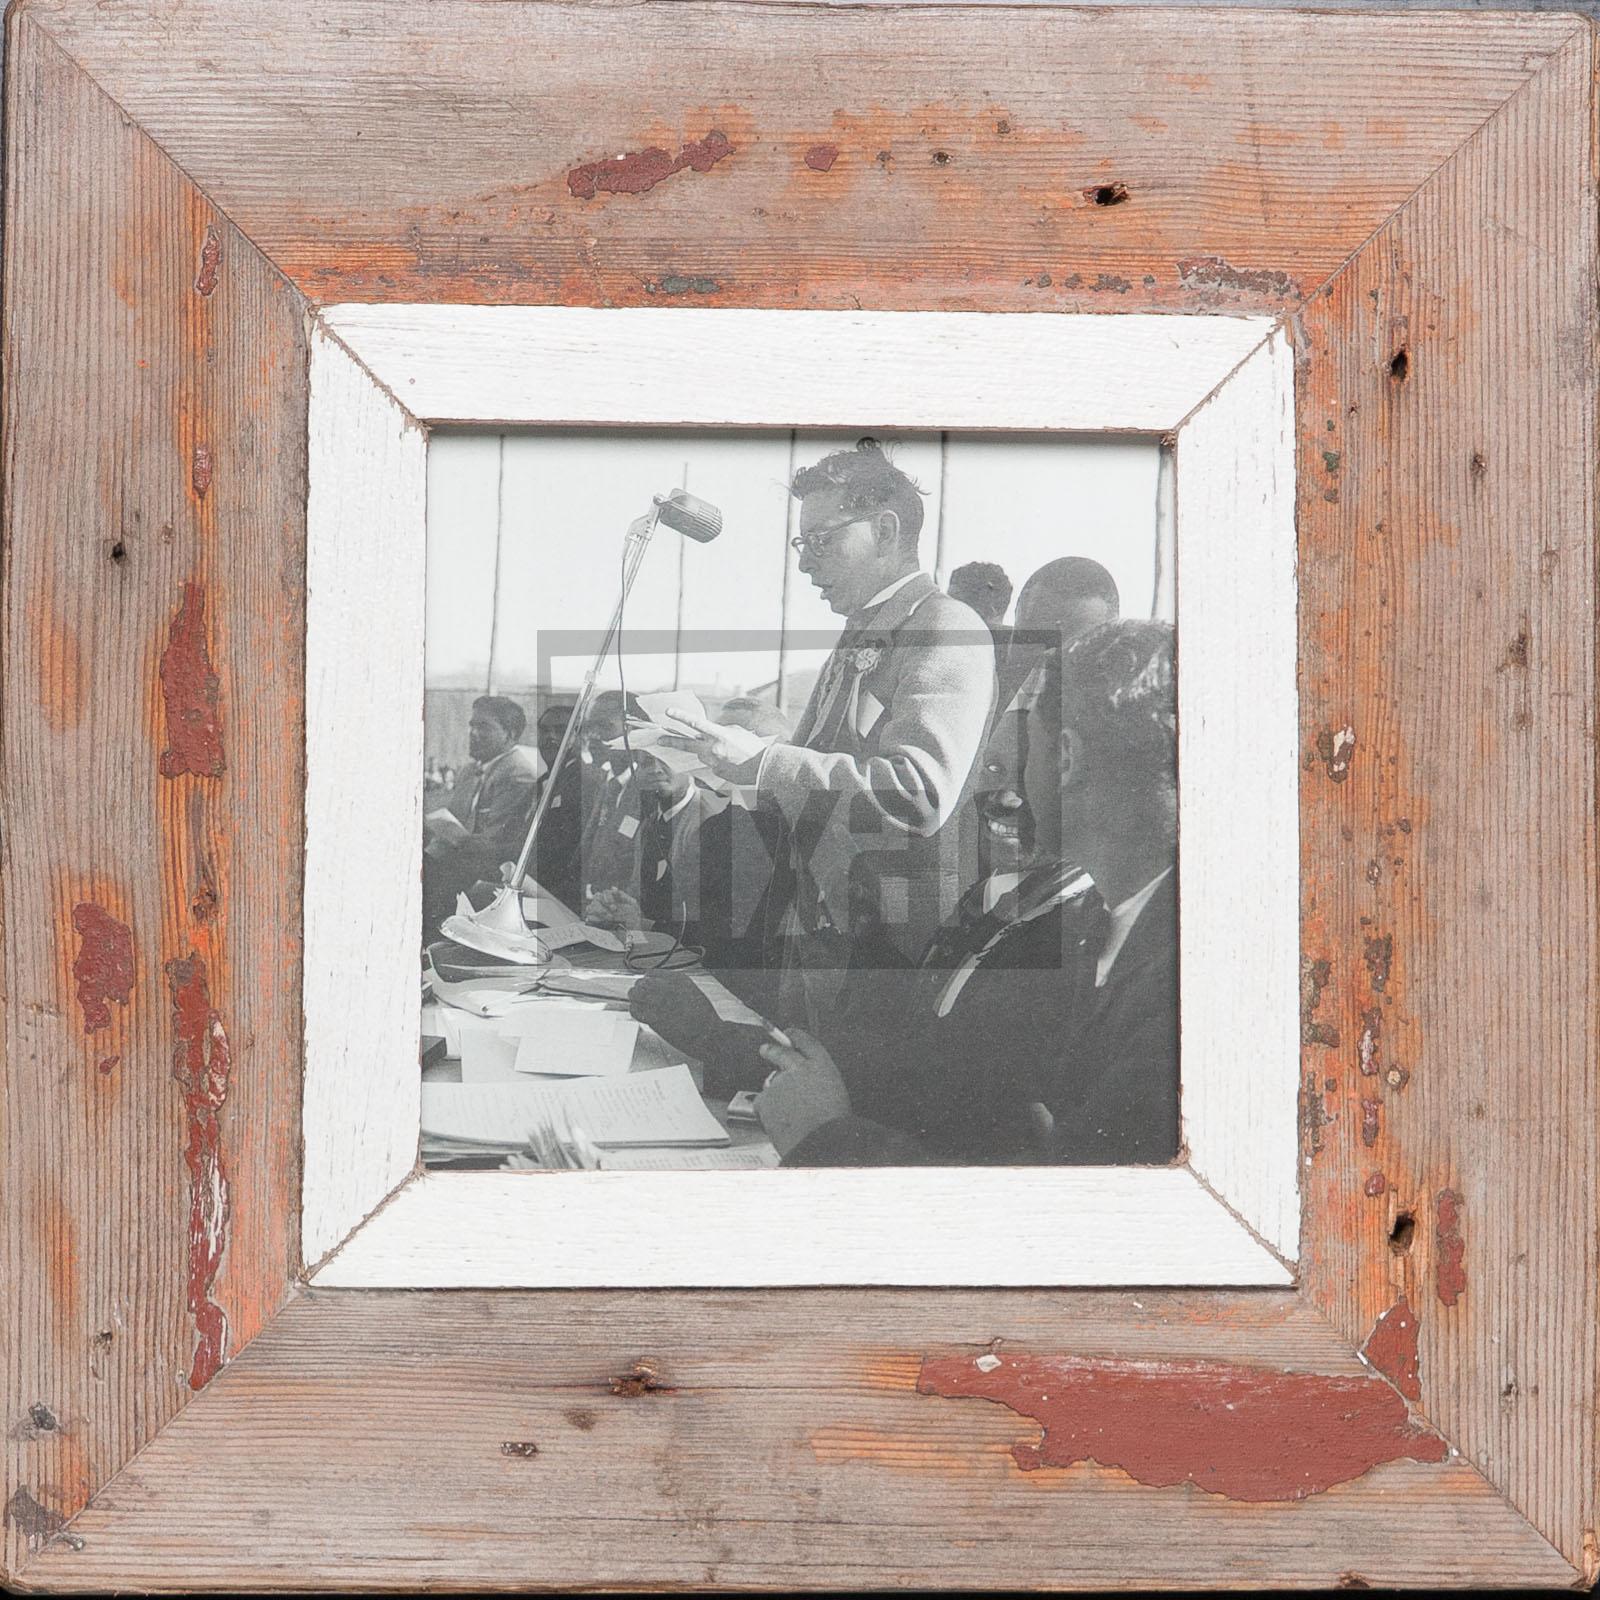 Quadratischer Vintage-Fotorahmen aus recyceltem Holz für quadratische Fotos